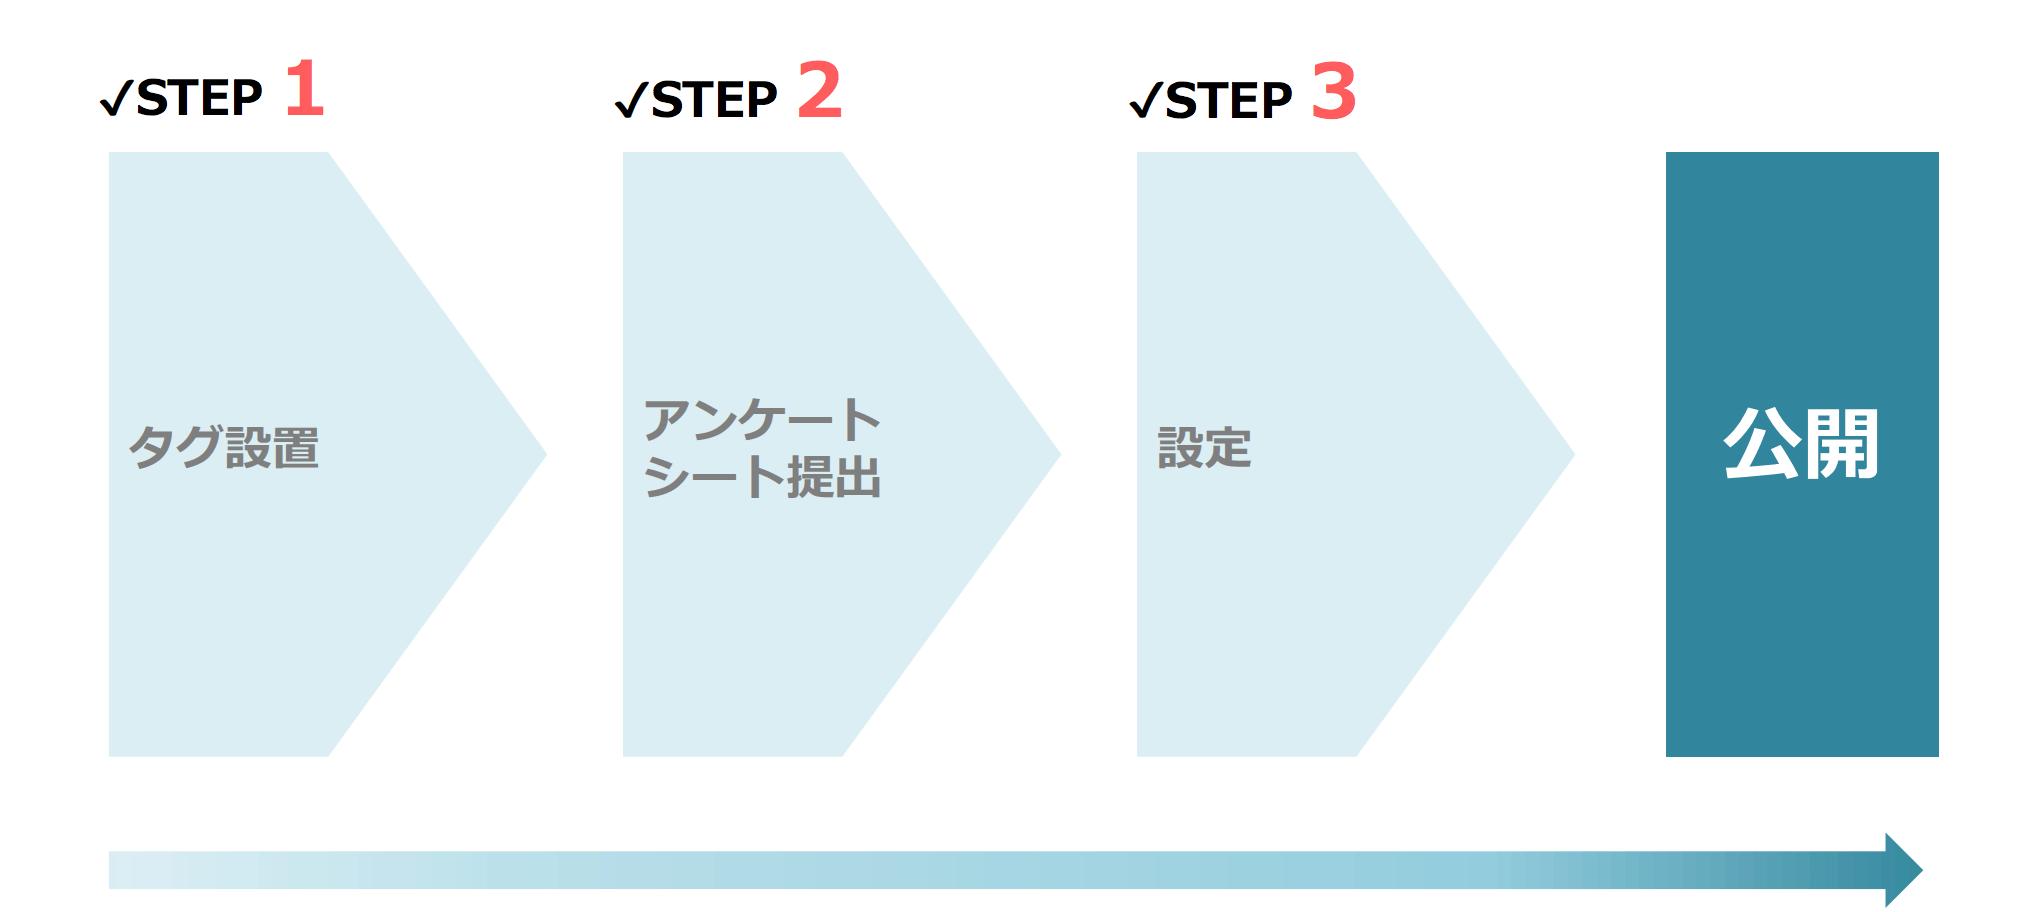 公開までの3STEP